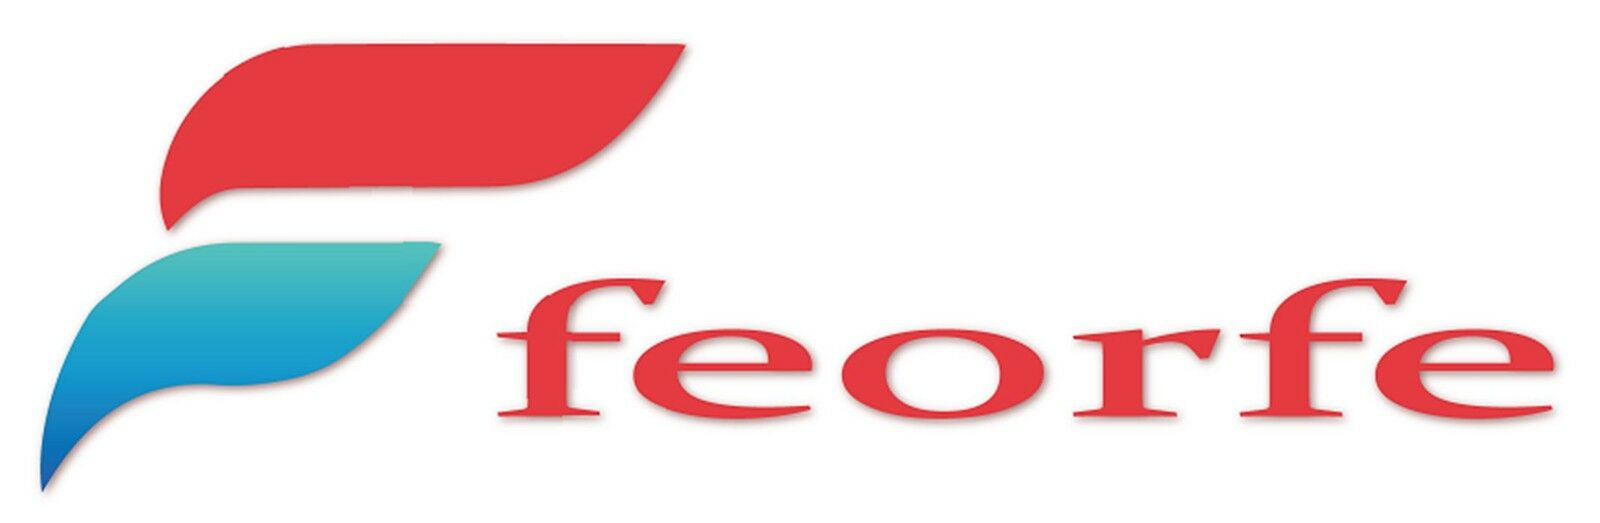 Feorfe Deals